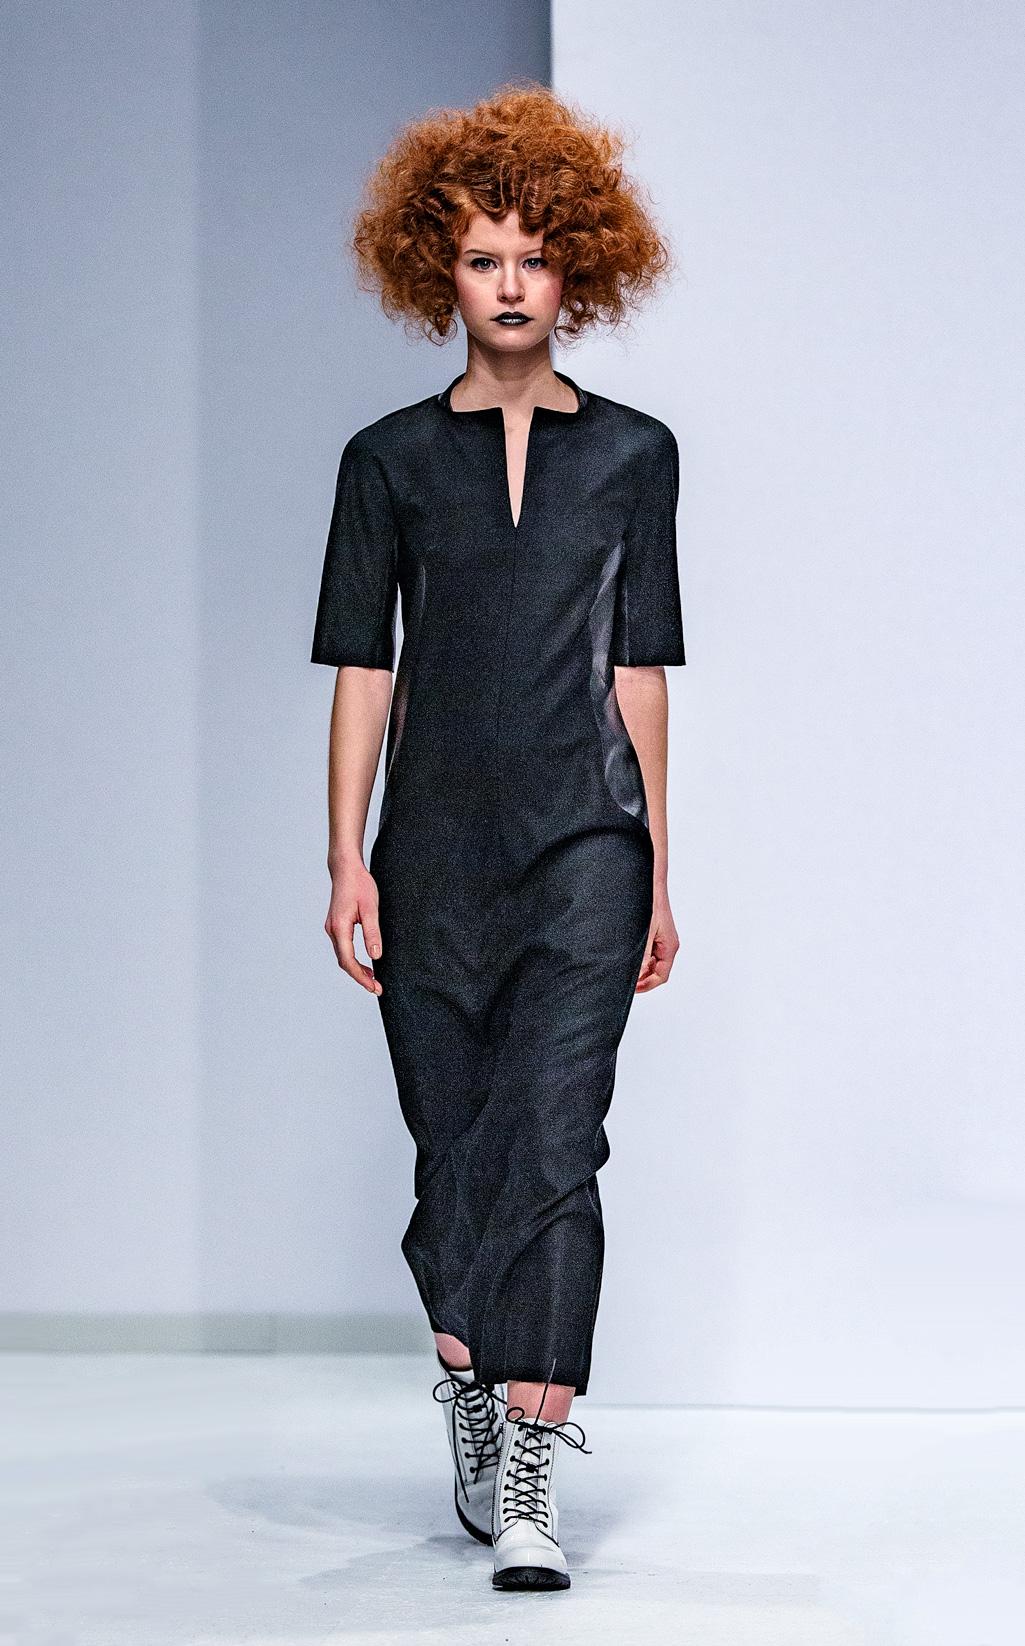 fashionweek_berlin_2015_zukker_54